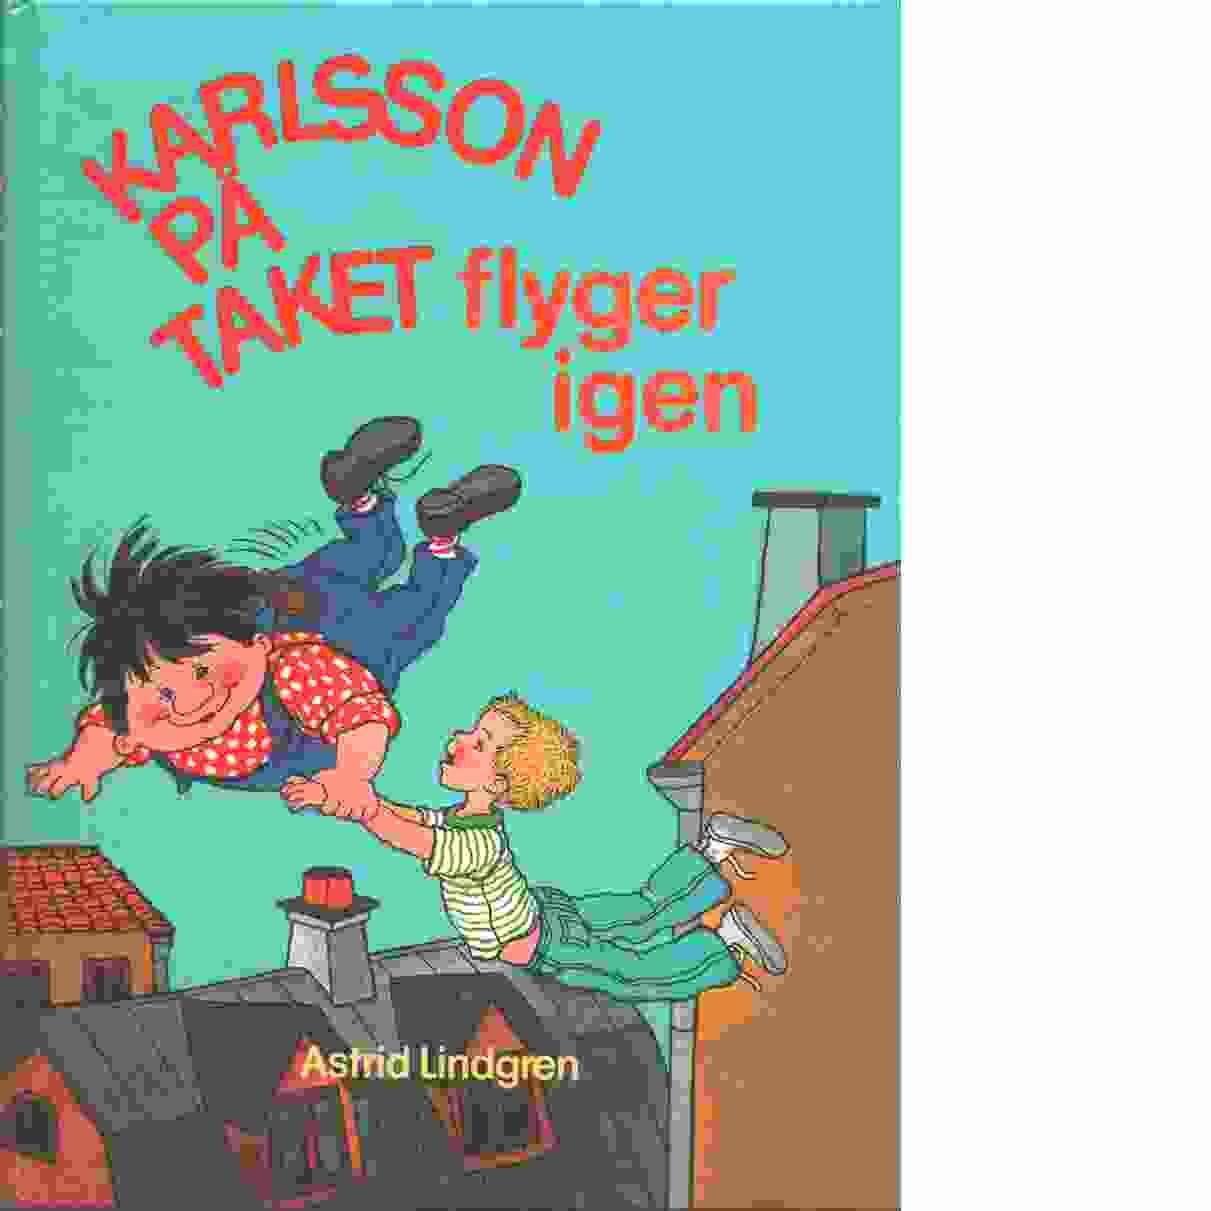 Karlsson på taket flyger igen - Lindgren, Astrid